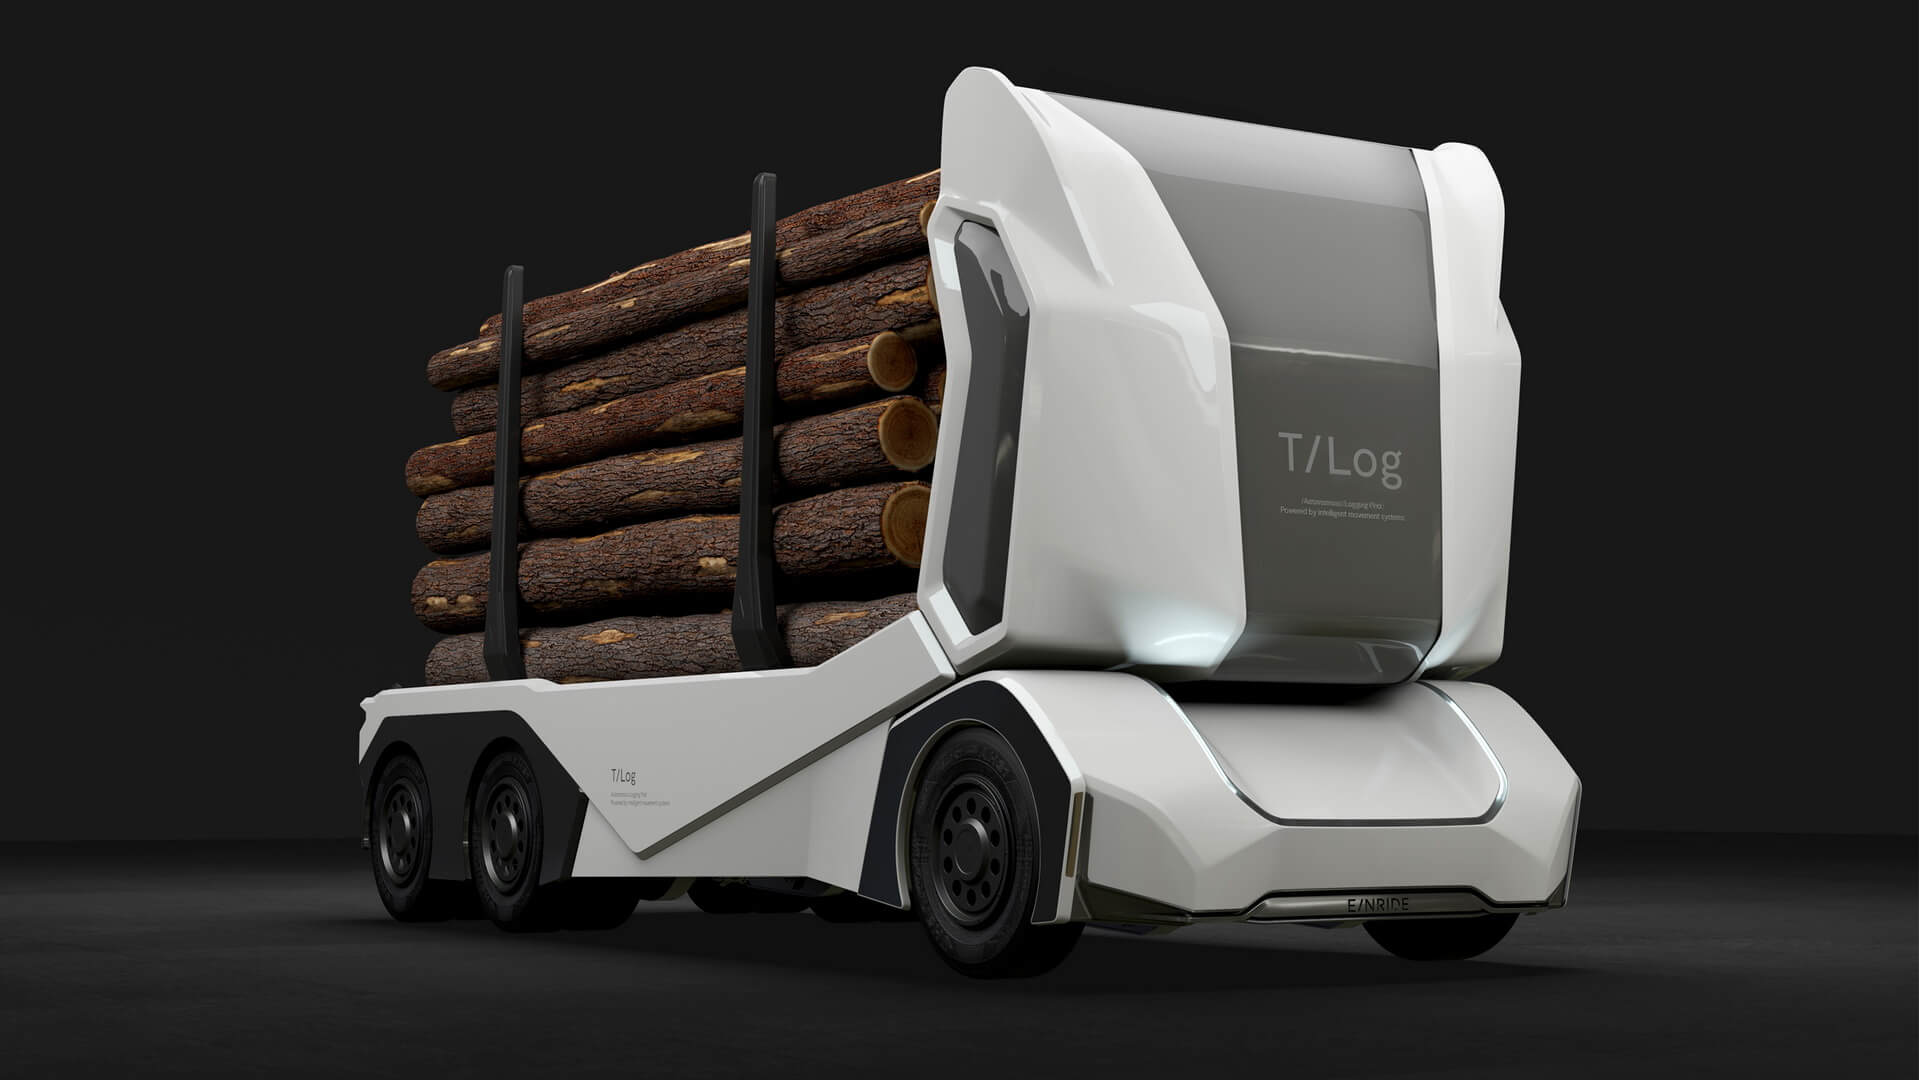 T/log— повністю електрична автономна вантажівка без кабіни для водія